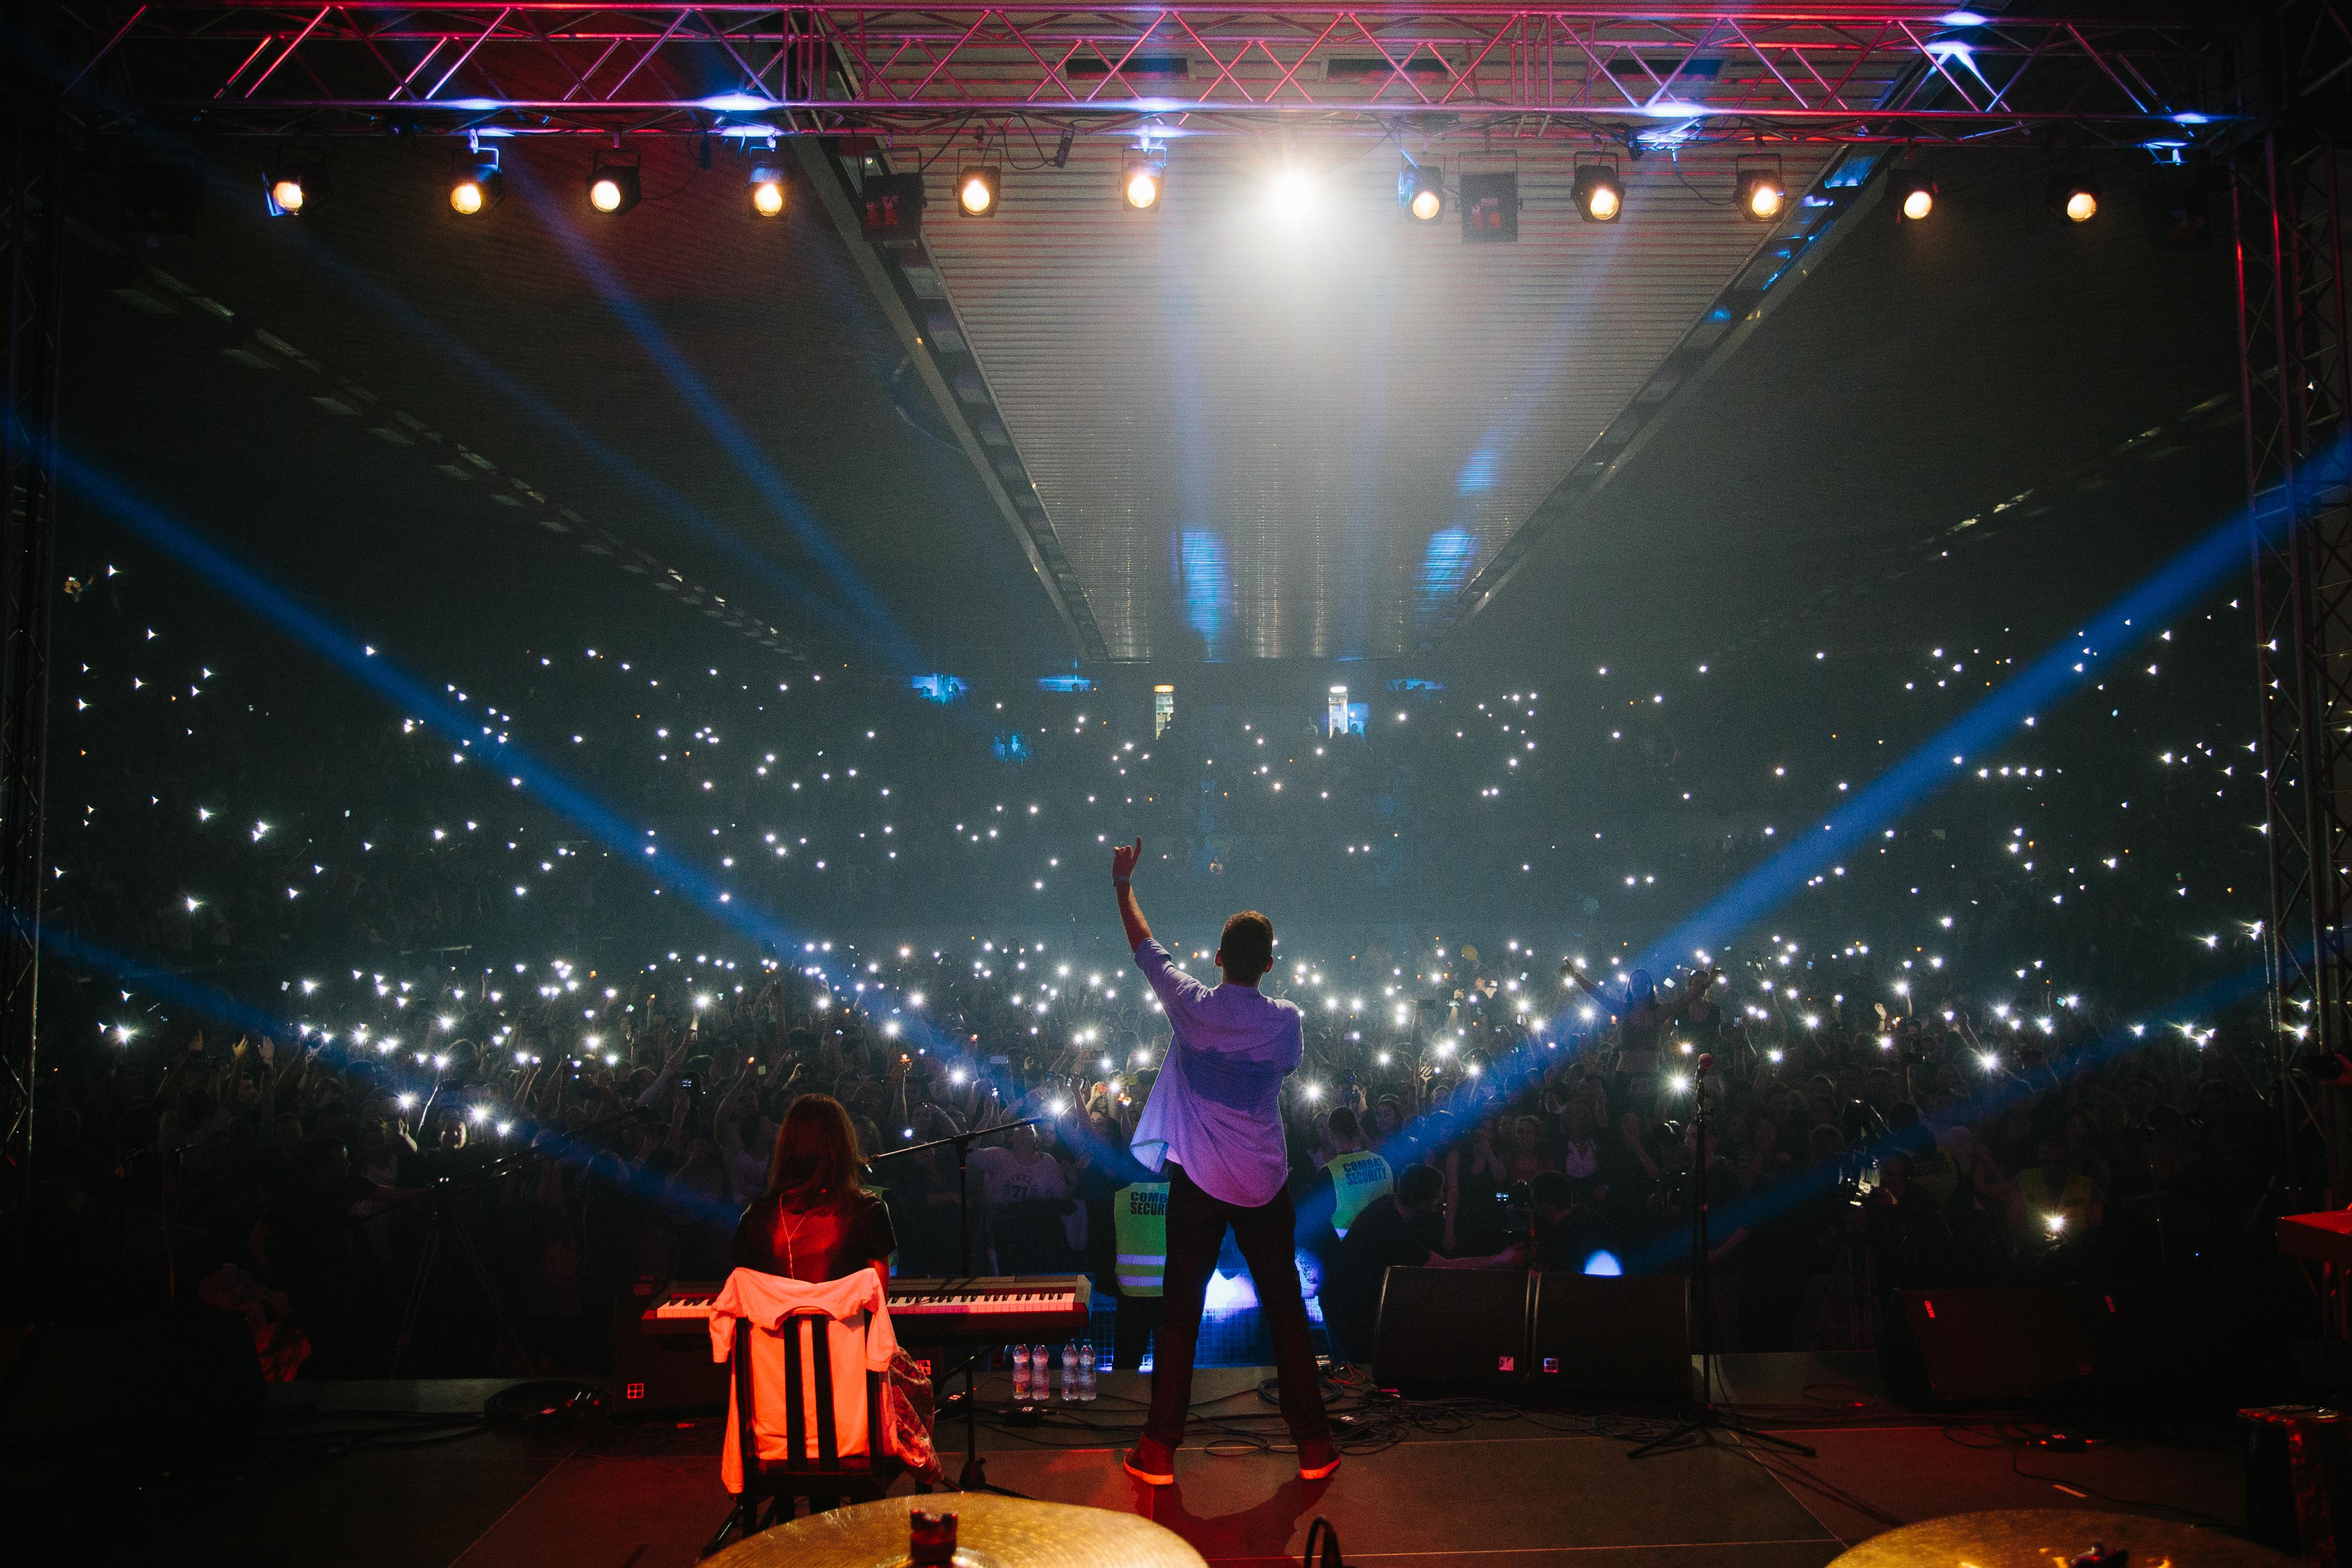 Те са сред най-актуалните групи на Балканите и не само, които събират и радват хиляди фенове на концертите си на живо.